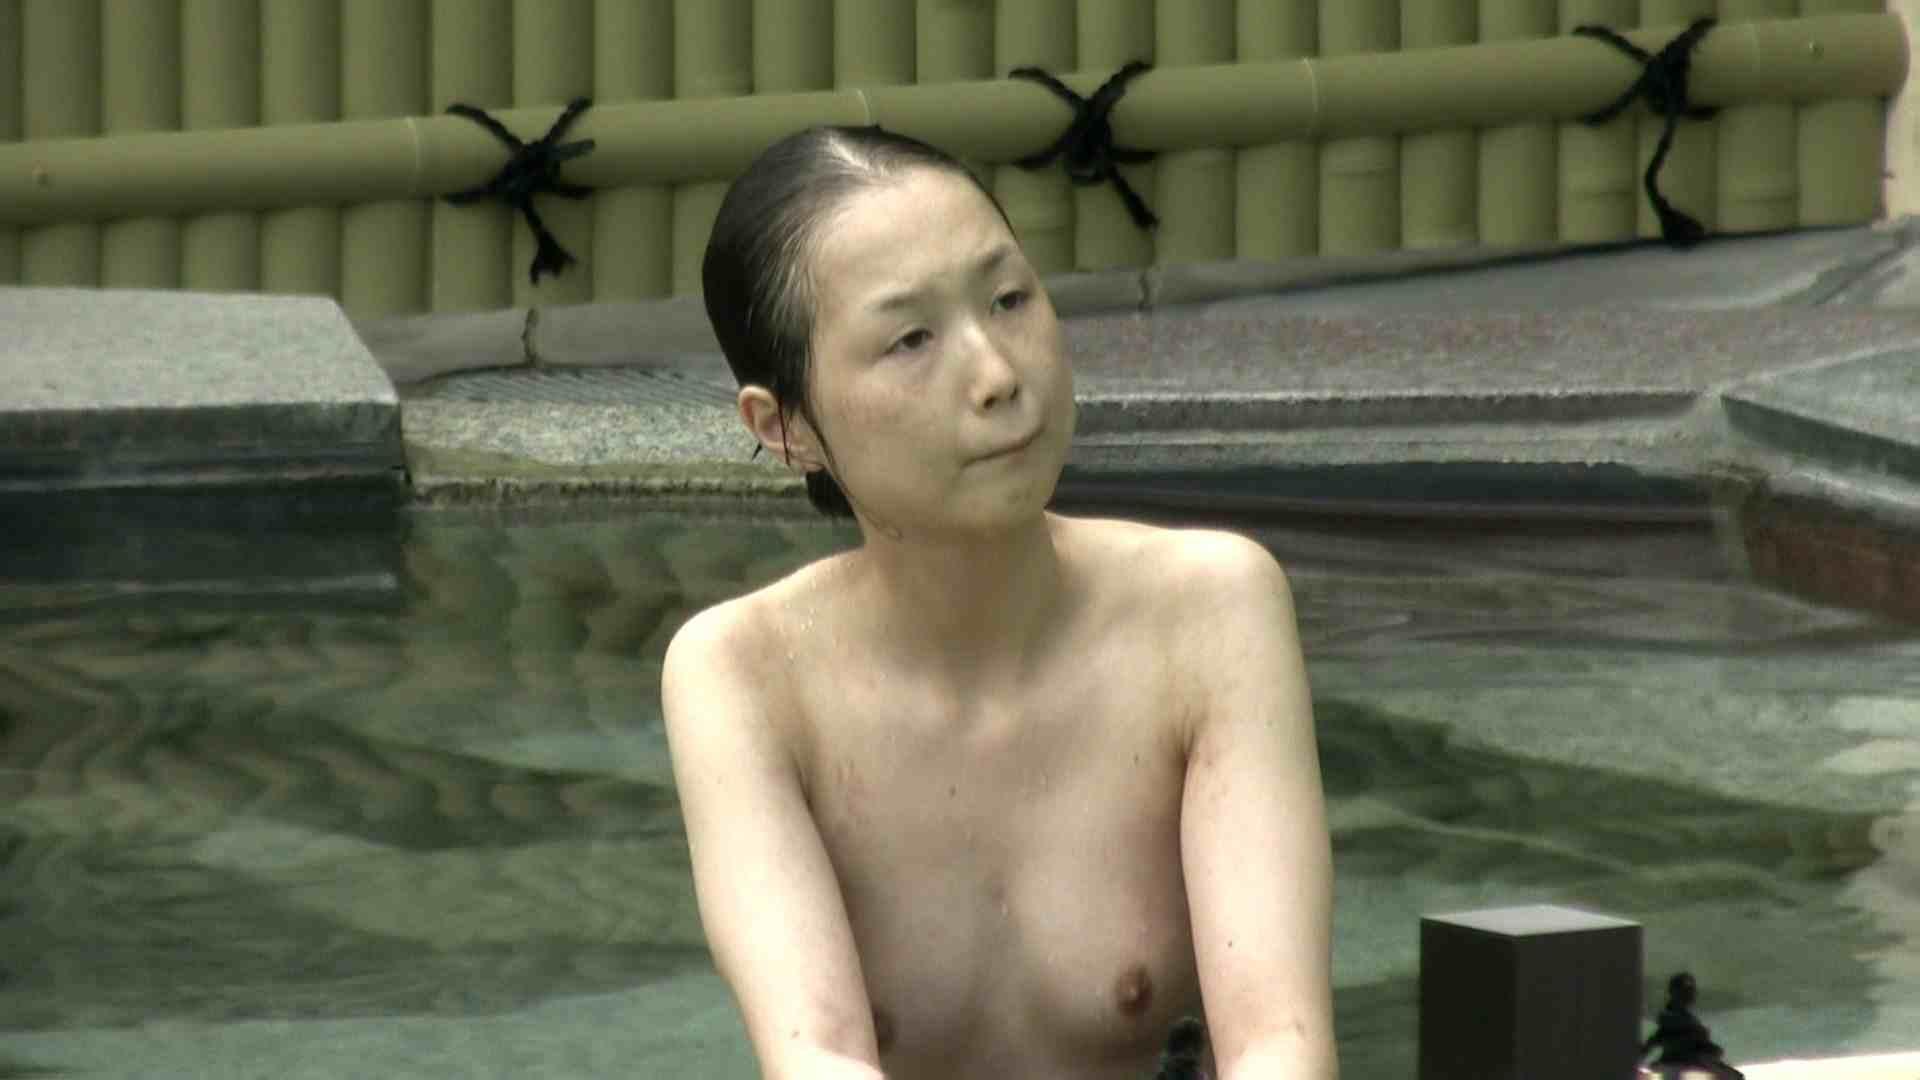 Aquaな露天風呂Vol.661 盗撮 性交動画流出 105画像 5